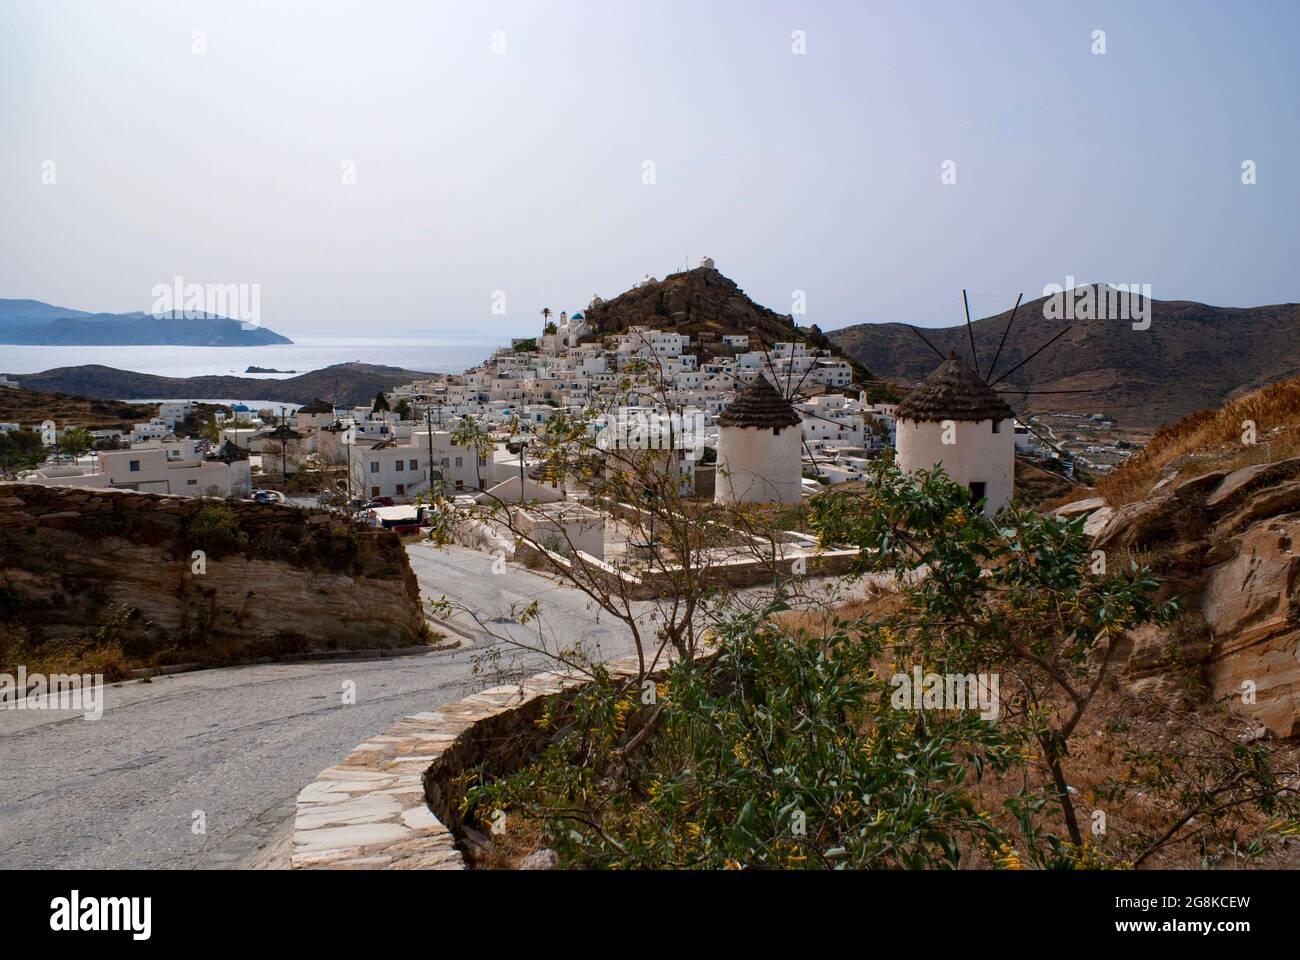 Grèce, île d'iOS Paysage panoramique avec vue sur le vieux village Grand angle spectaculaire tourné vers la belle vieille ville, l'espace Hora Copy Banque D'Images